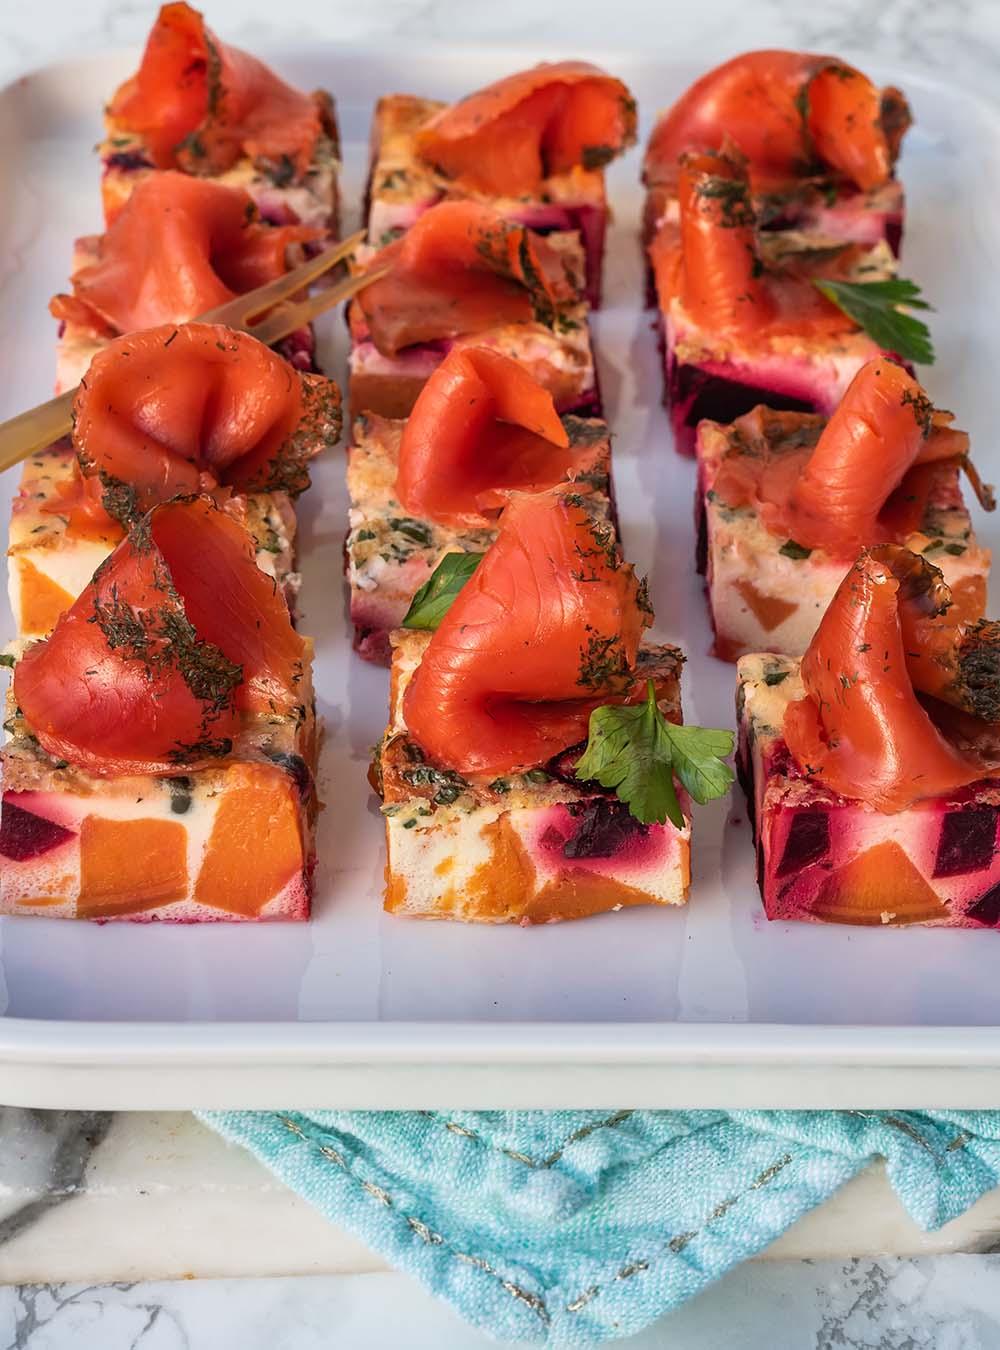 Graved Wildlachs auf Ofen-Frittata-Würfeln mit Süßkartoffeln und Rote Bete - unkompliziertes Feierabendgericht, Vorspeise und Partyfood